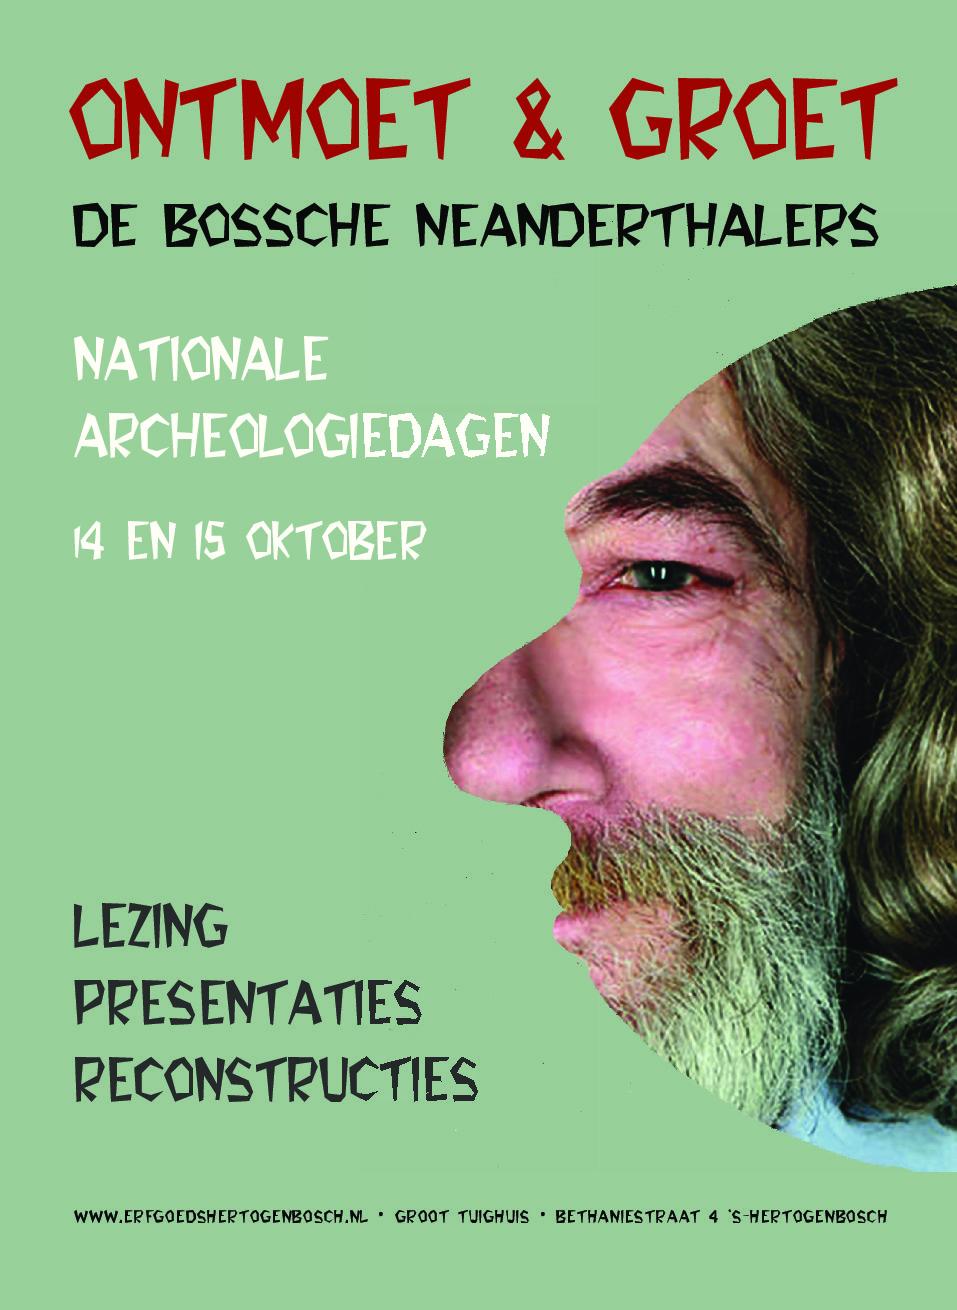 Groot Tuighuis – Afd Erfgoed 's-Hertogenbosch